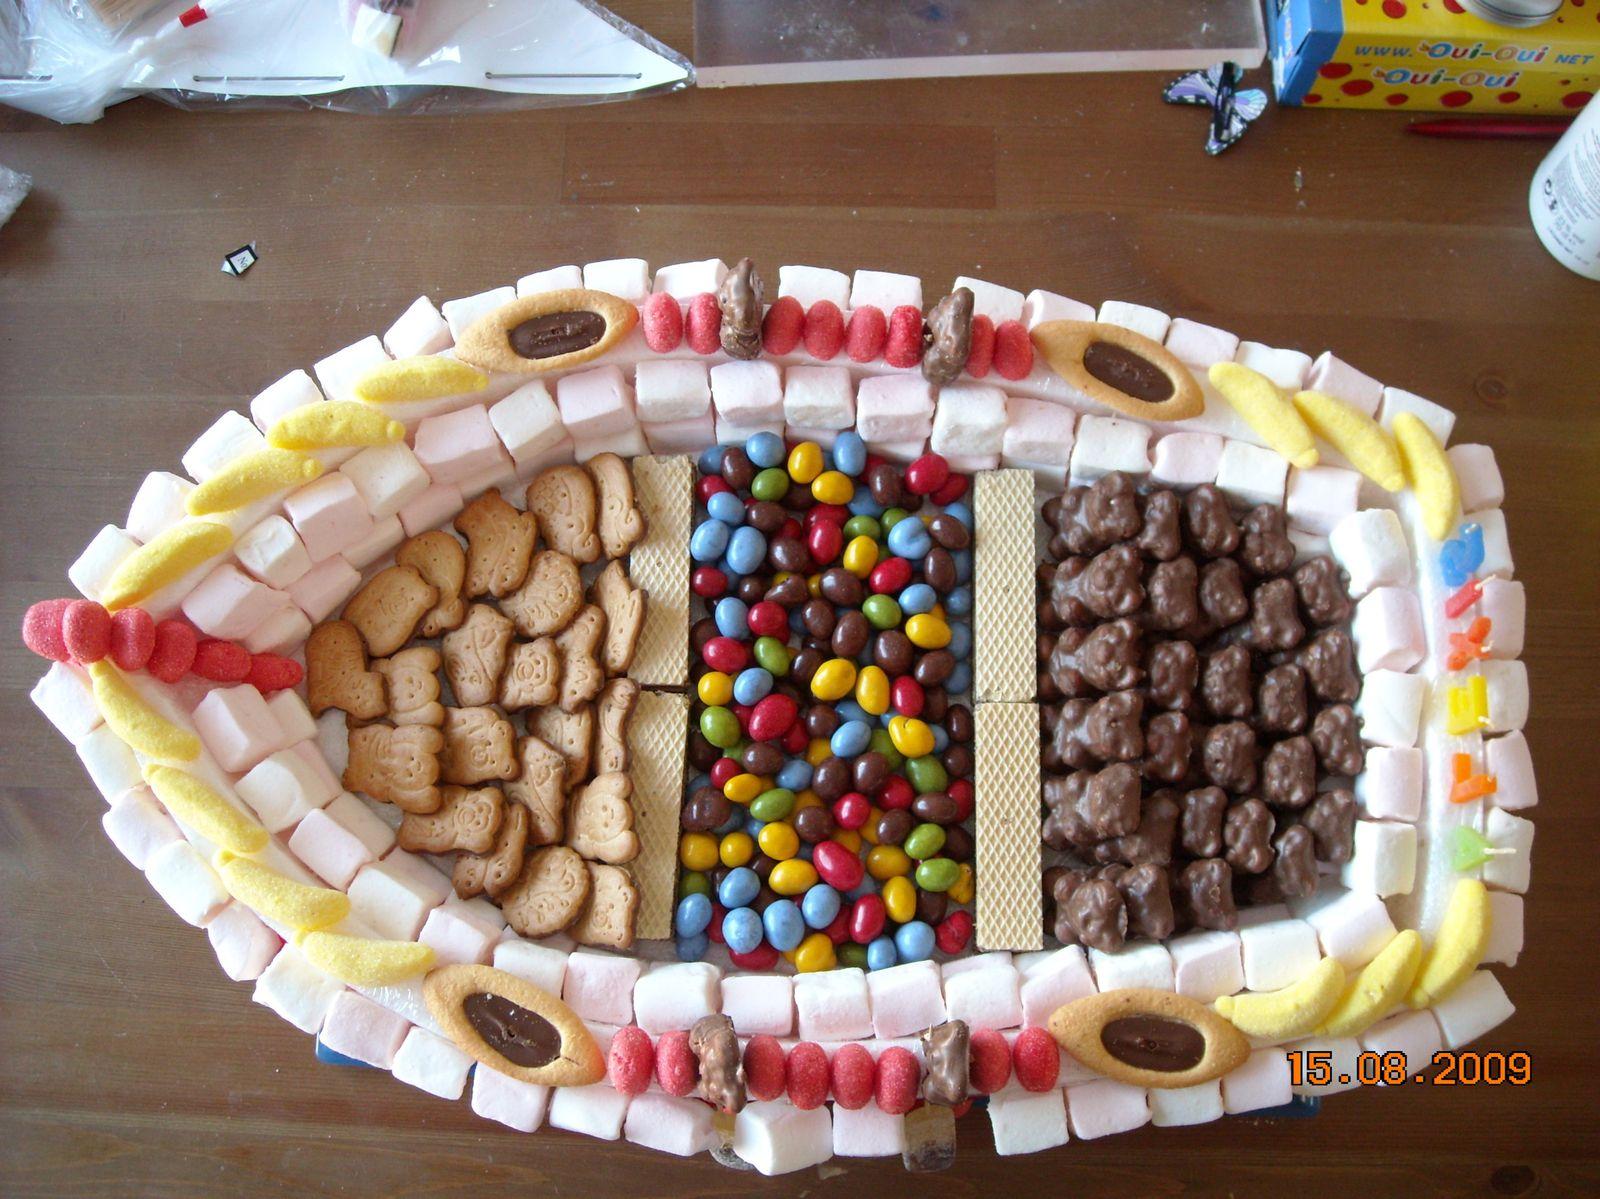 Relativ Tutoriel pour gateau de bonbon – Les recettes populaires blogue le  BW93